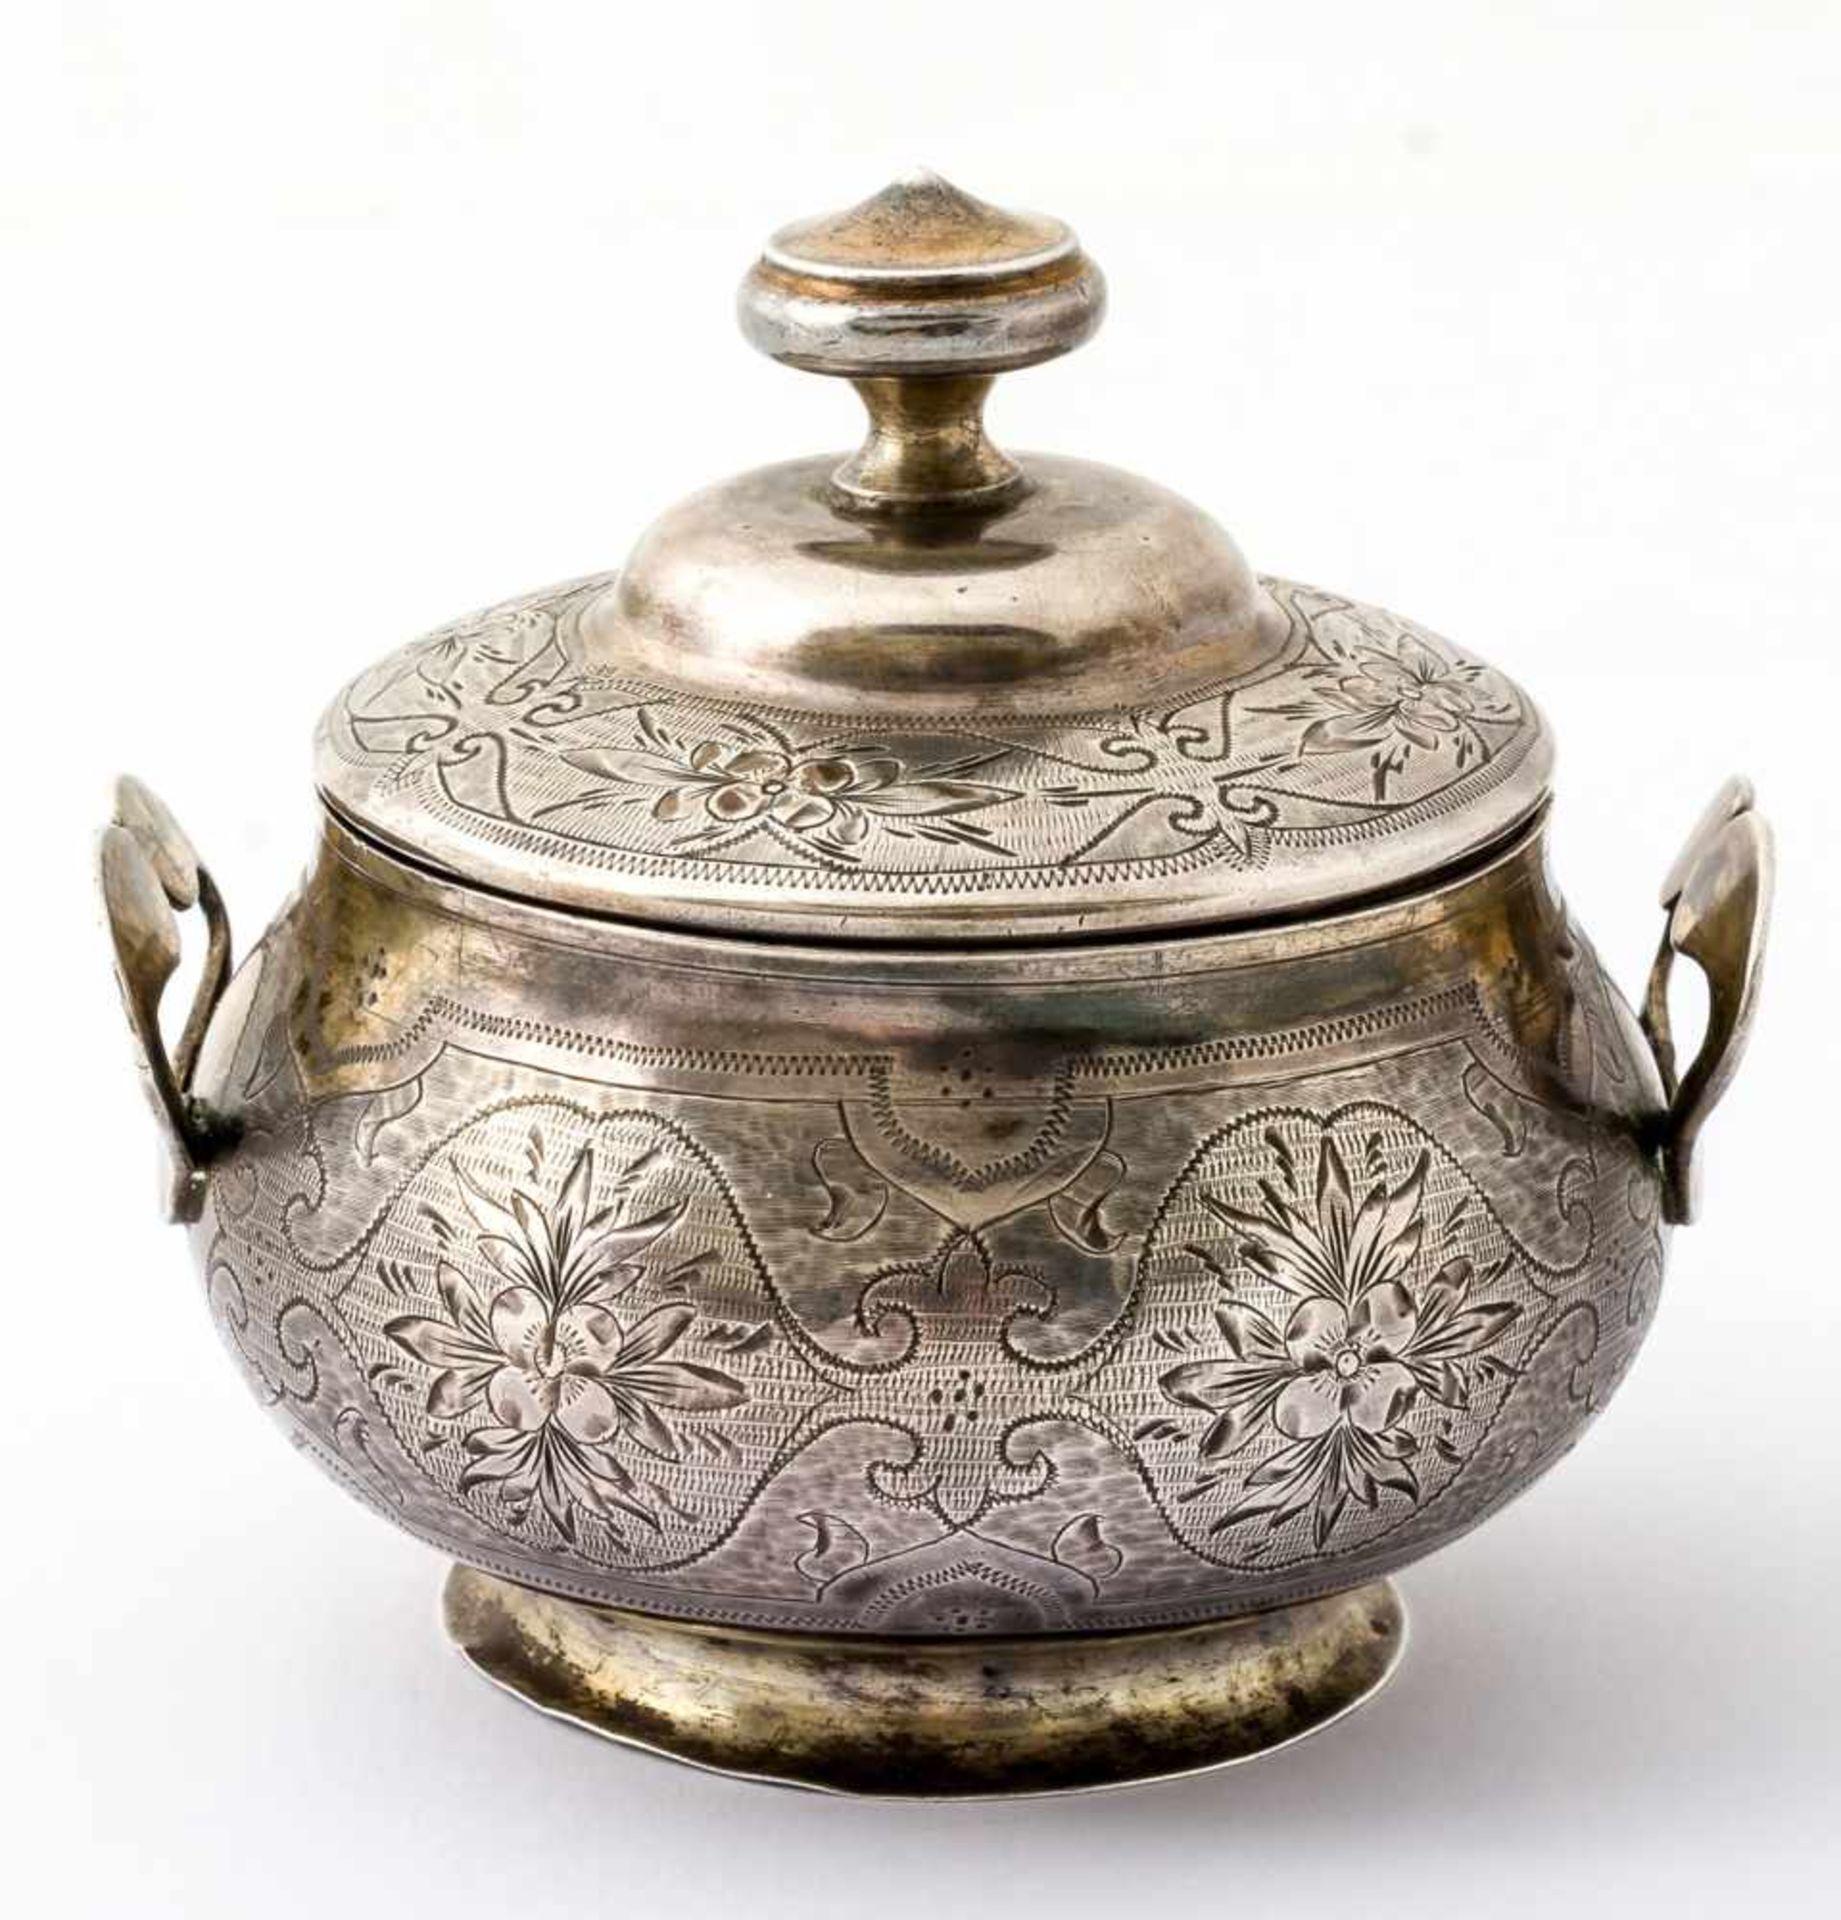 Kleine Zuckerdose Russland, Silber (134g), Moskau 1869 Beschaumeister: Viktor Savinkov Meister: Ivan